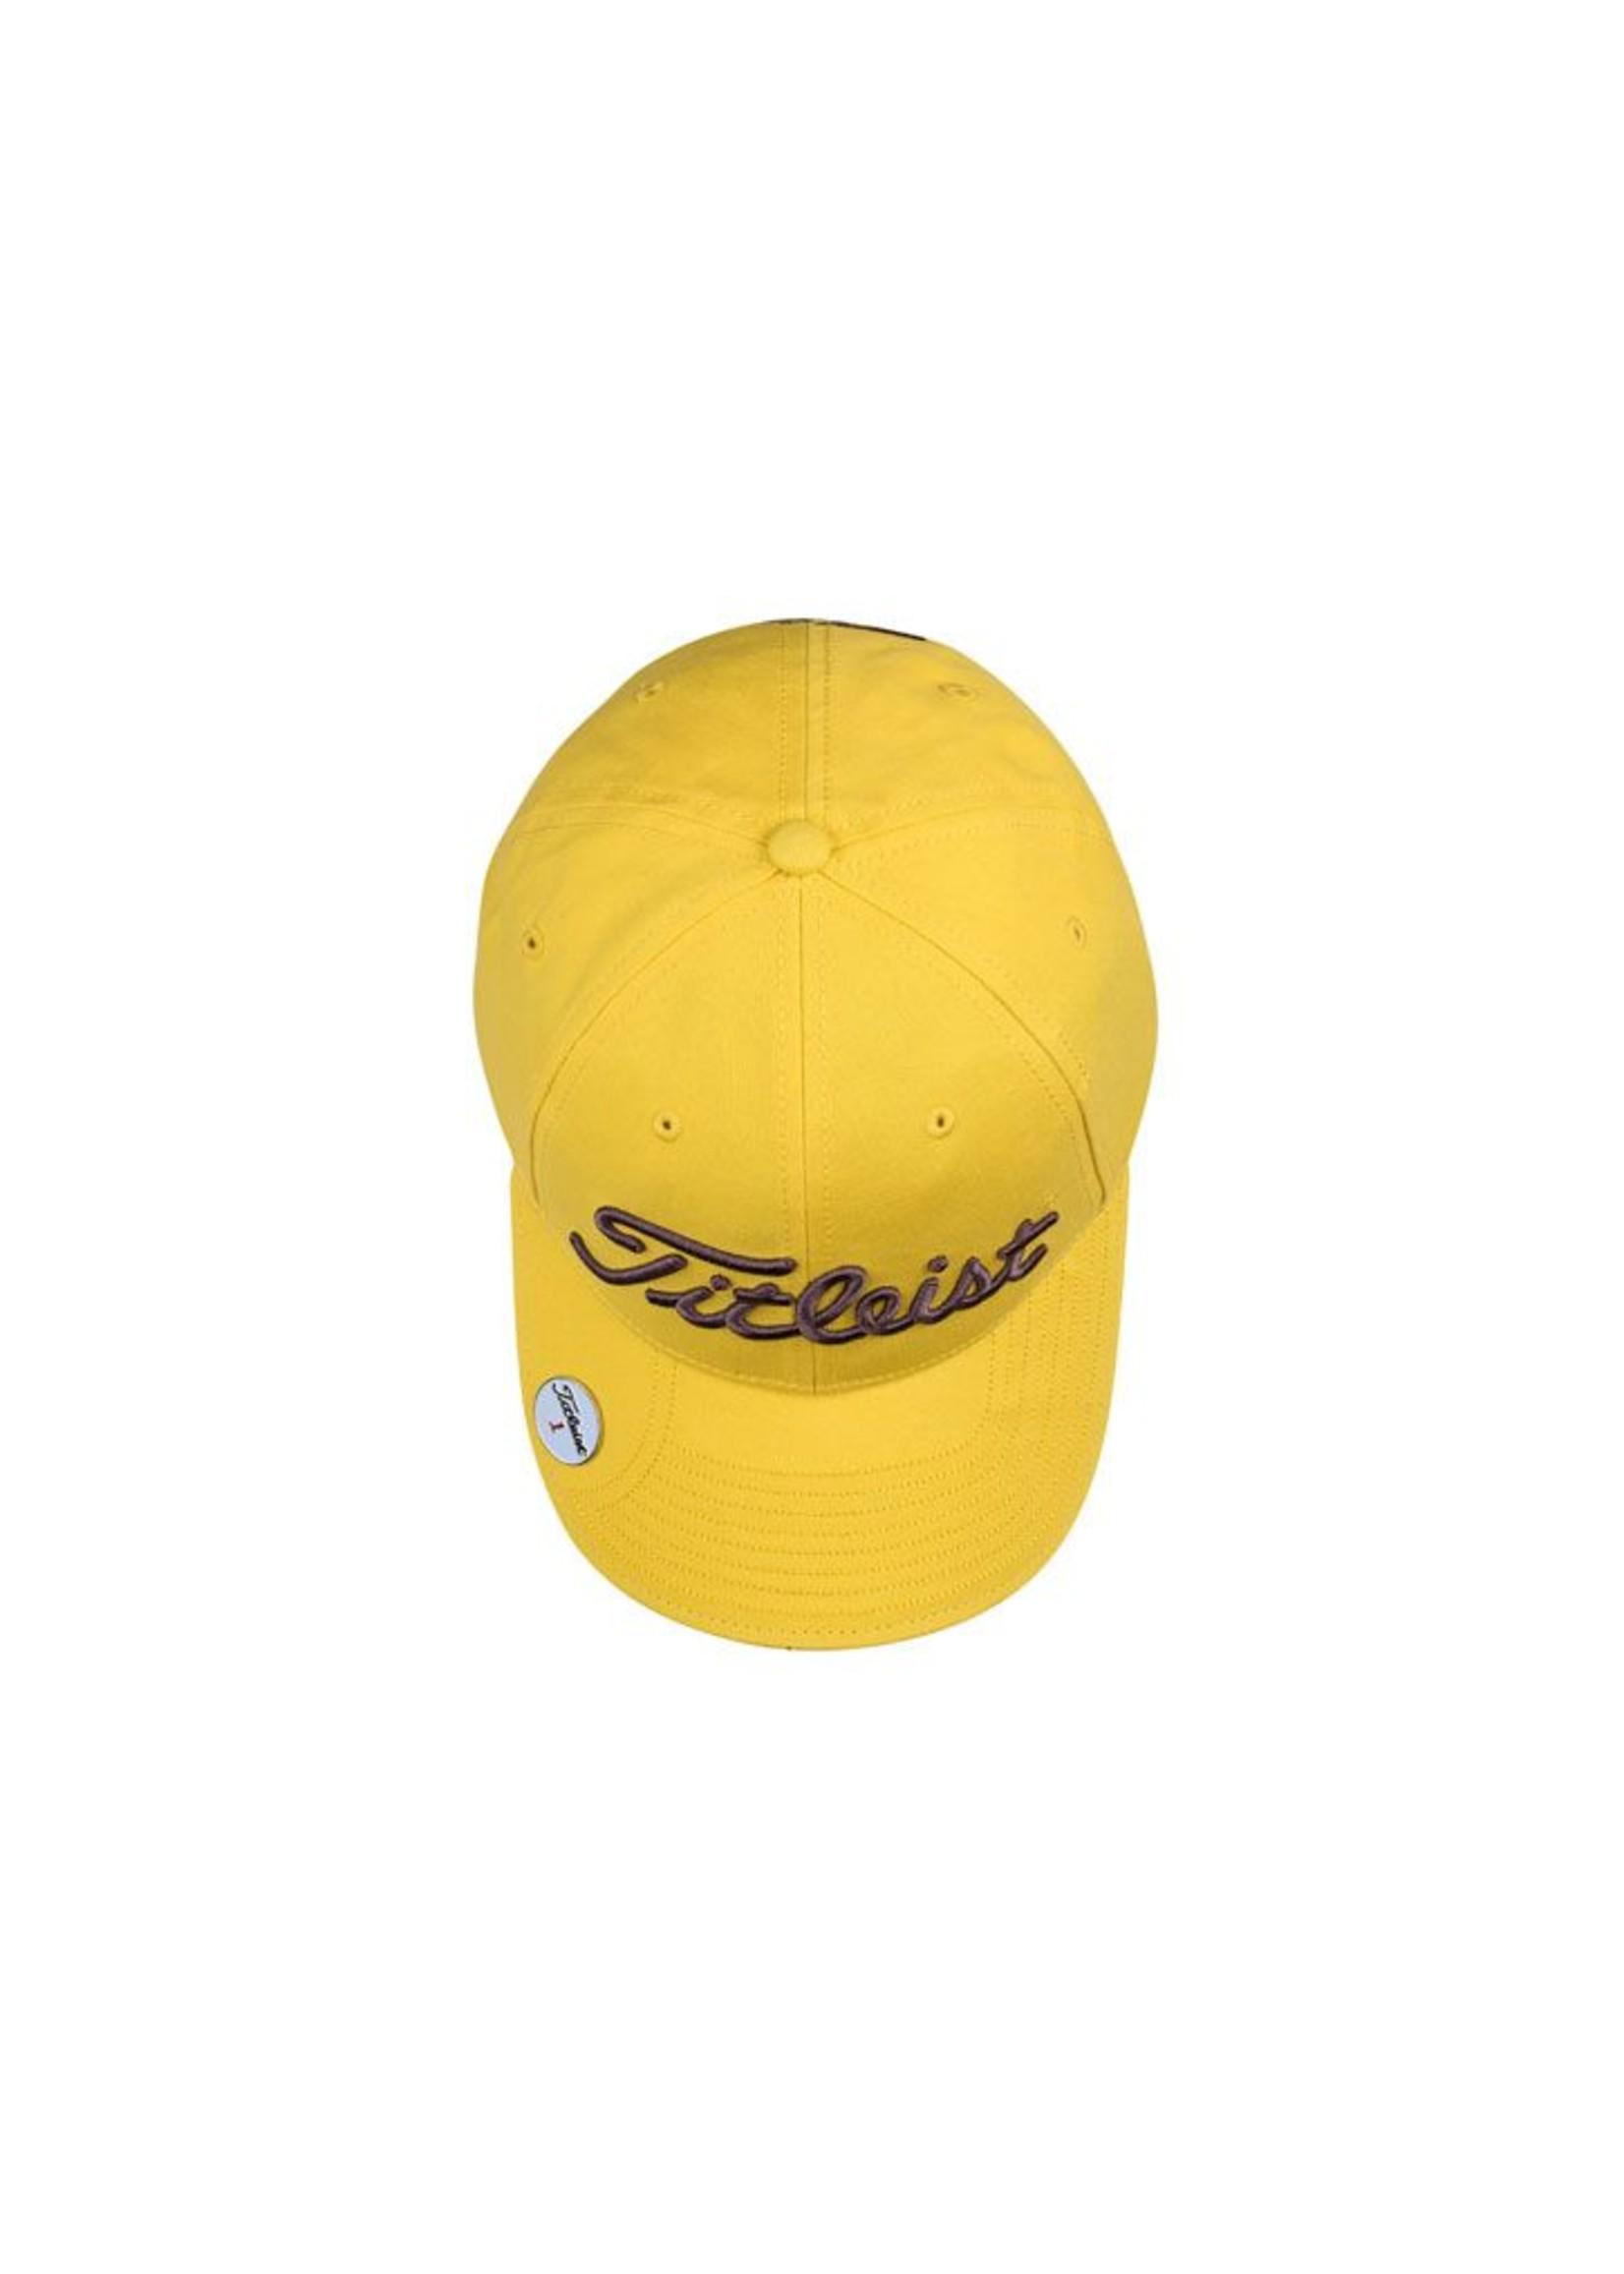 Titleist Titleist Ball Marker Cap (Various Colours)